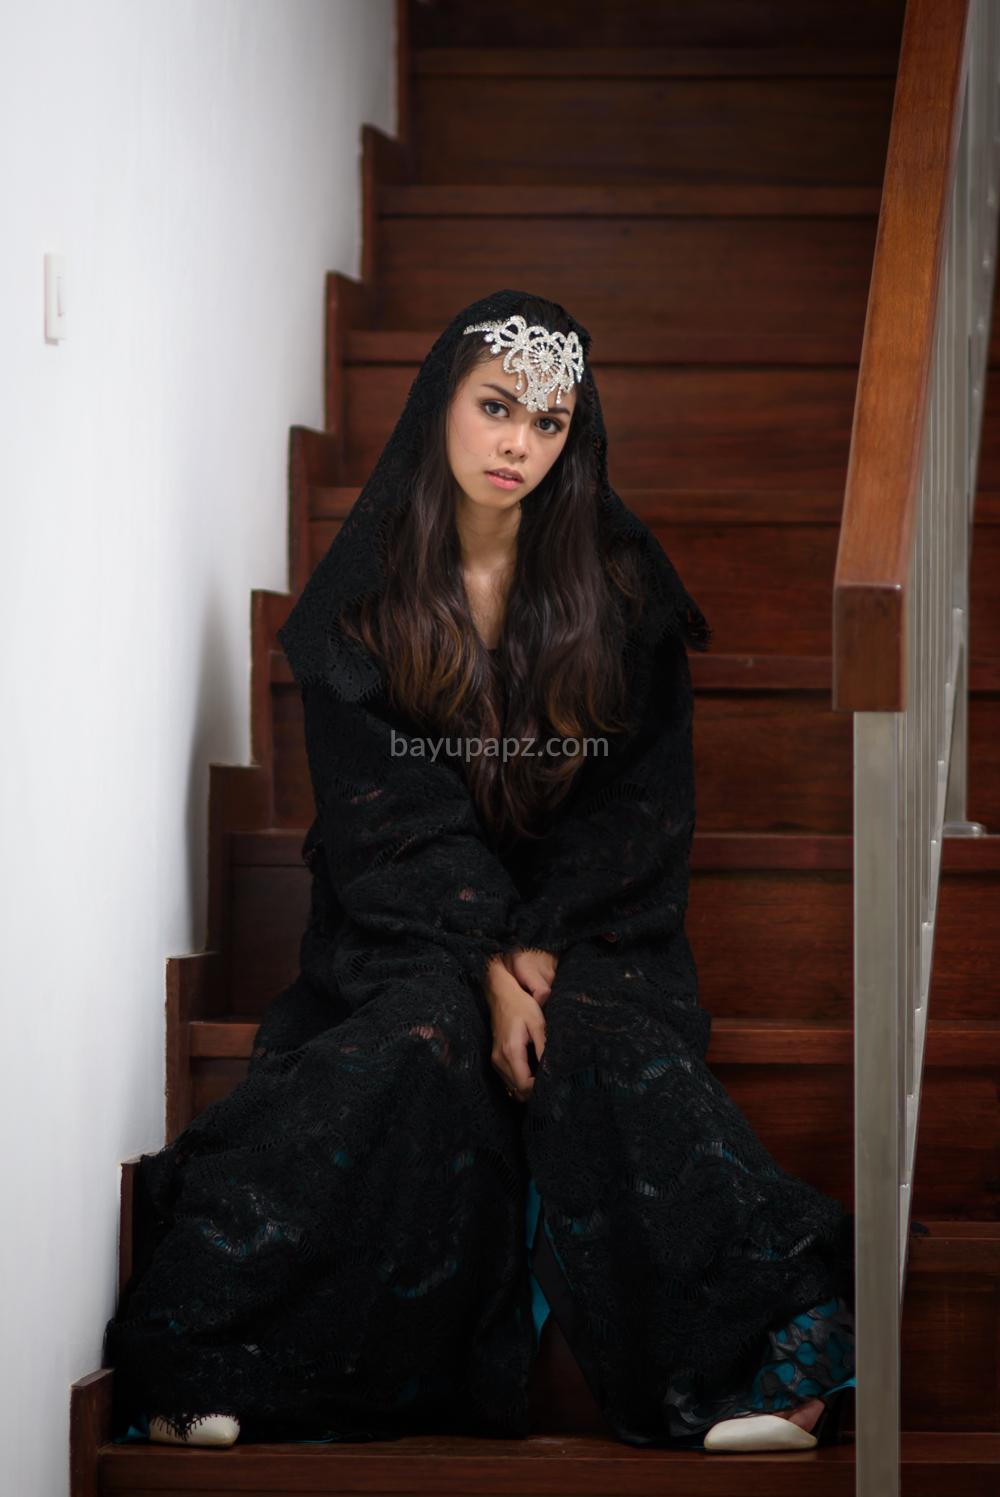 hijab photo hunt terra maharani 4